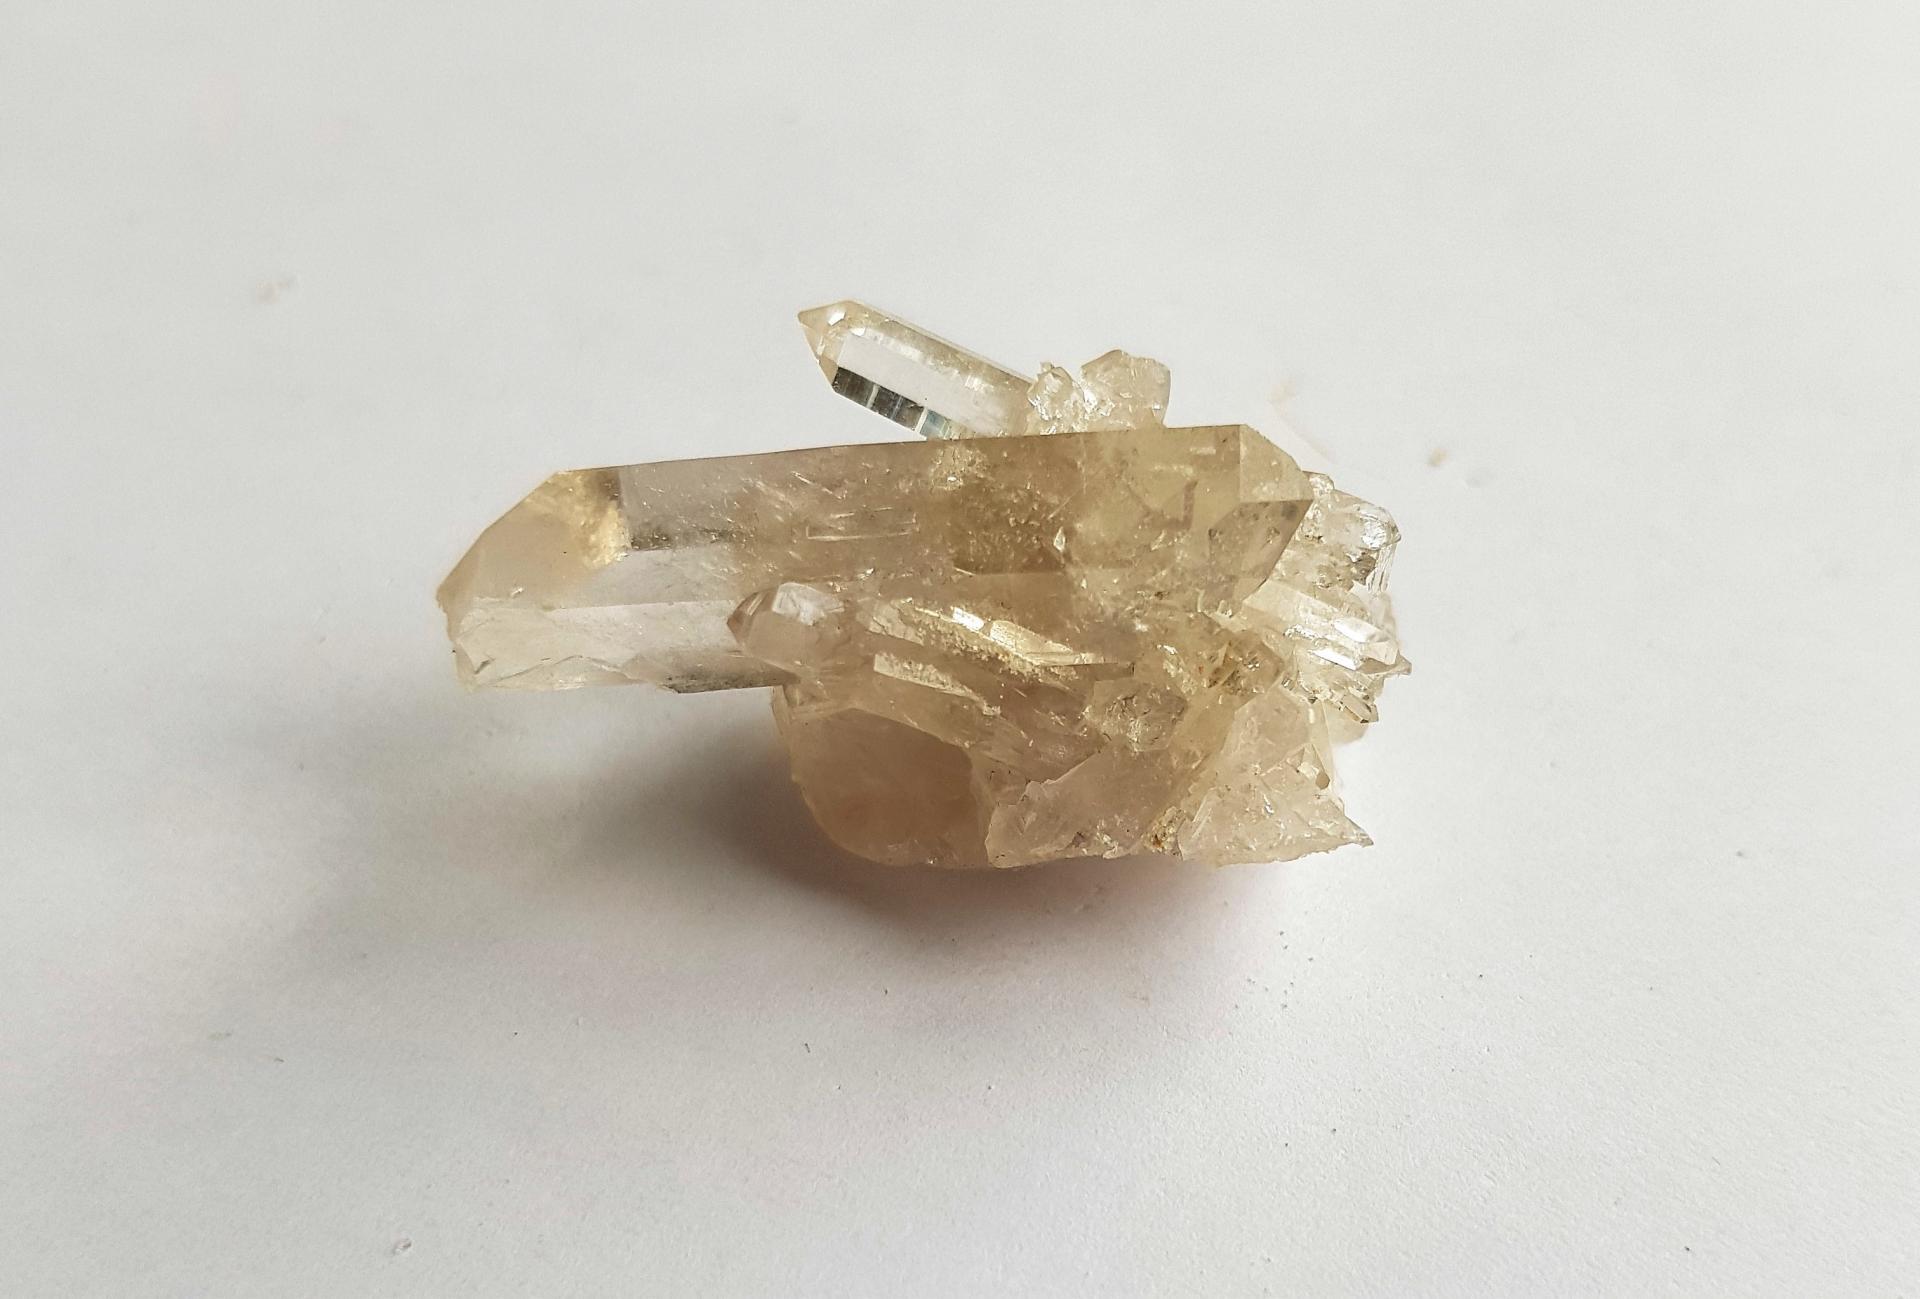 Cristal de roche vaujanie 40